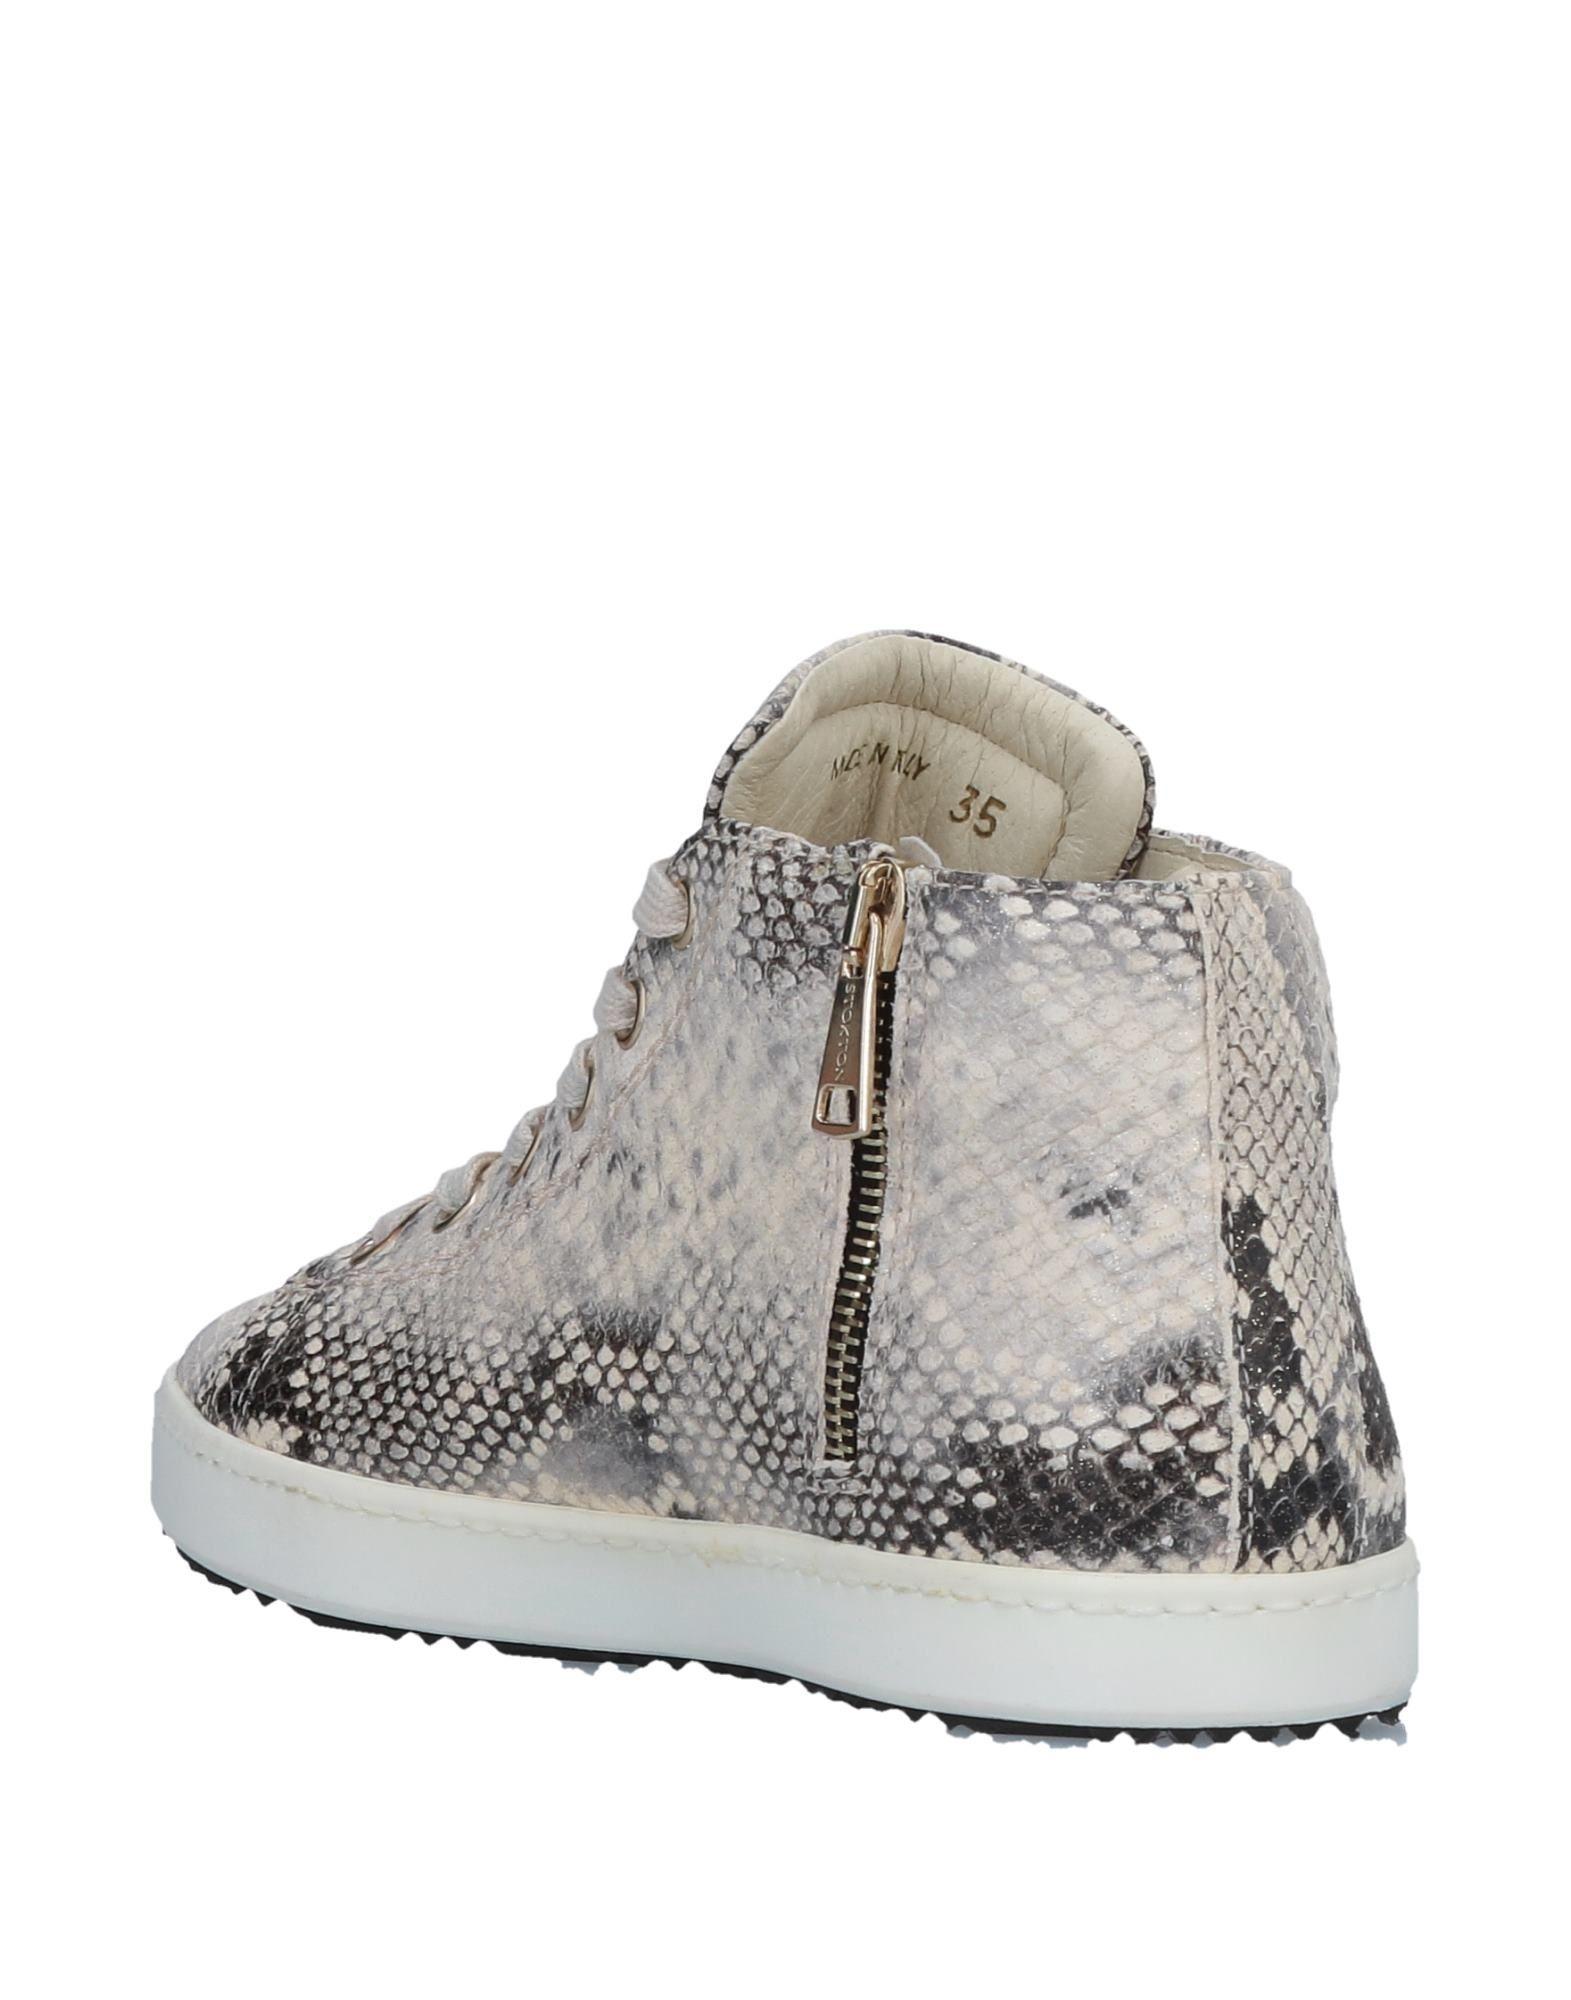 Stokton Sneakers Damen  Schuhe 11505281DC Gute Qualität beliebte Schuhe  4dda8a